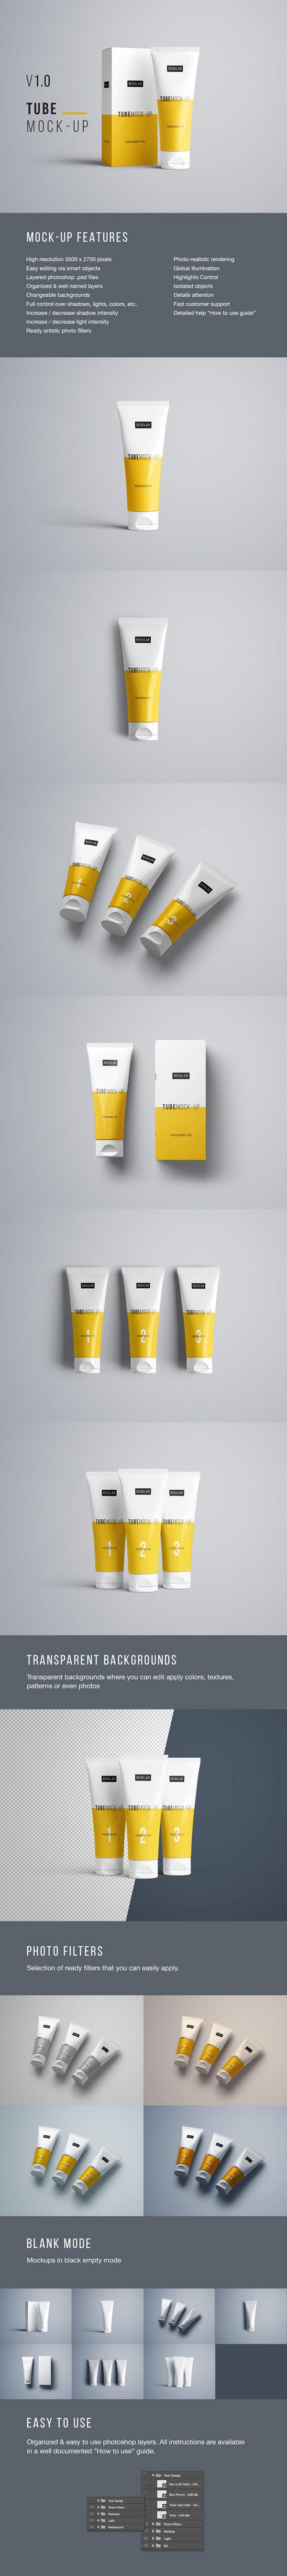 护肤品软管包装样机